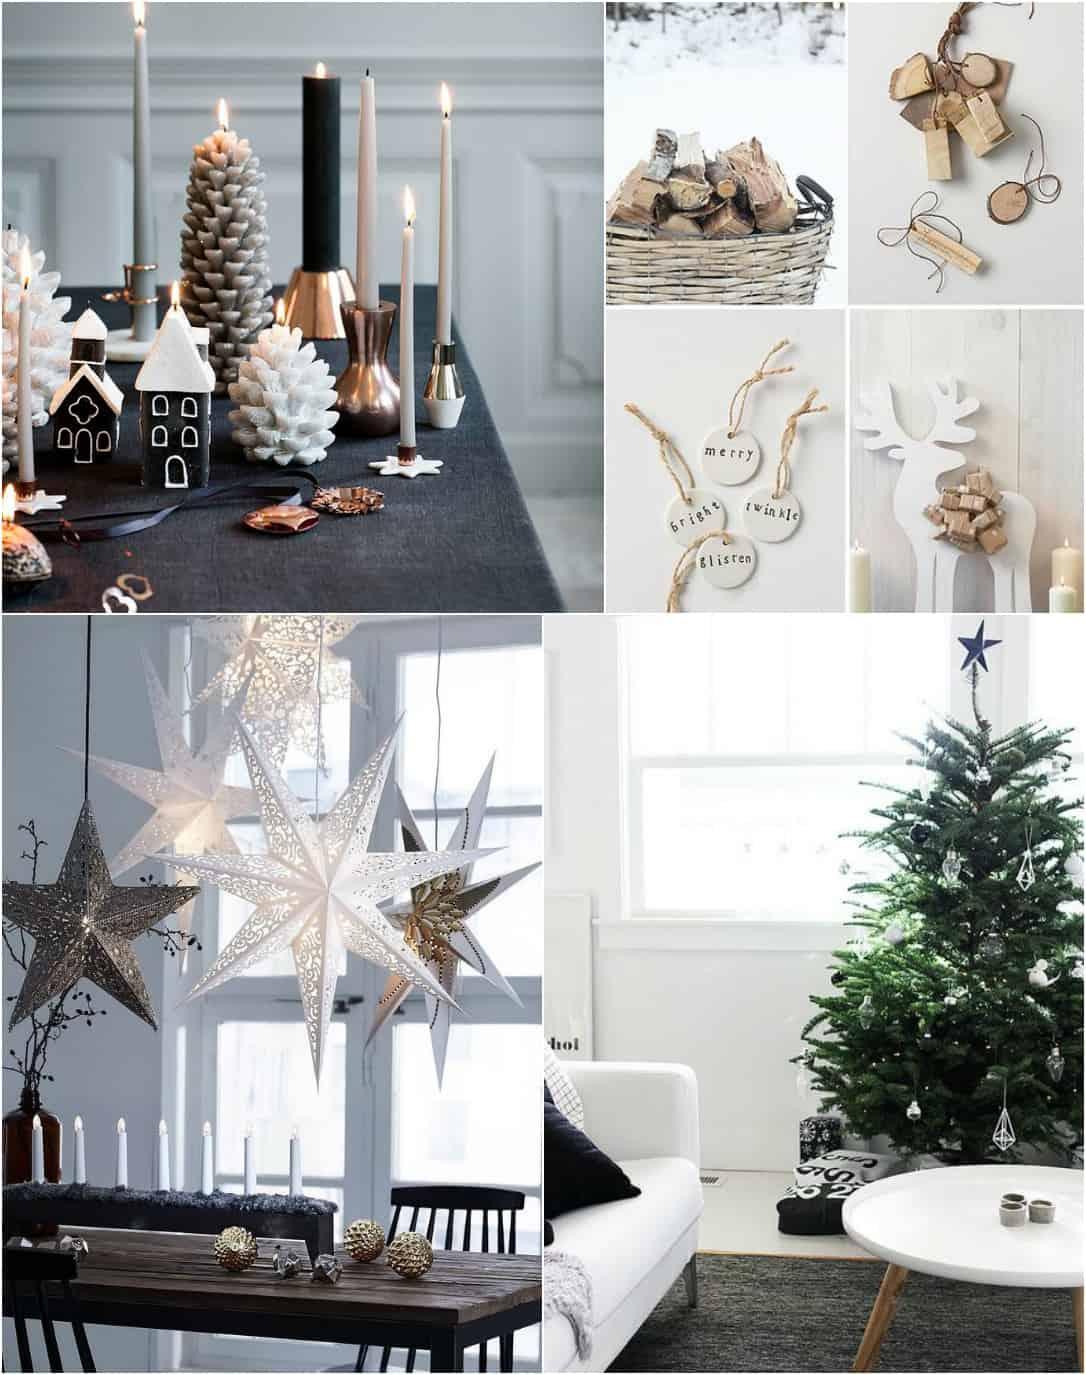 natale arredo : tendenze shabby chic, stile scandinavo e albero ... - Arredare Casa Natale Foto